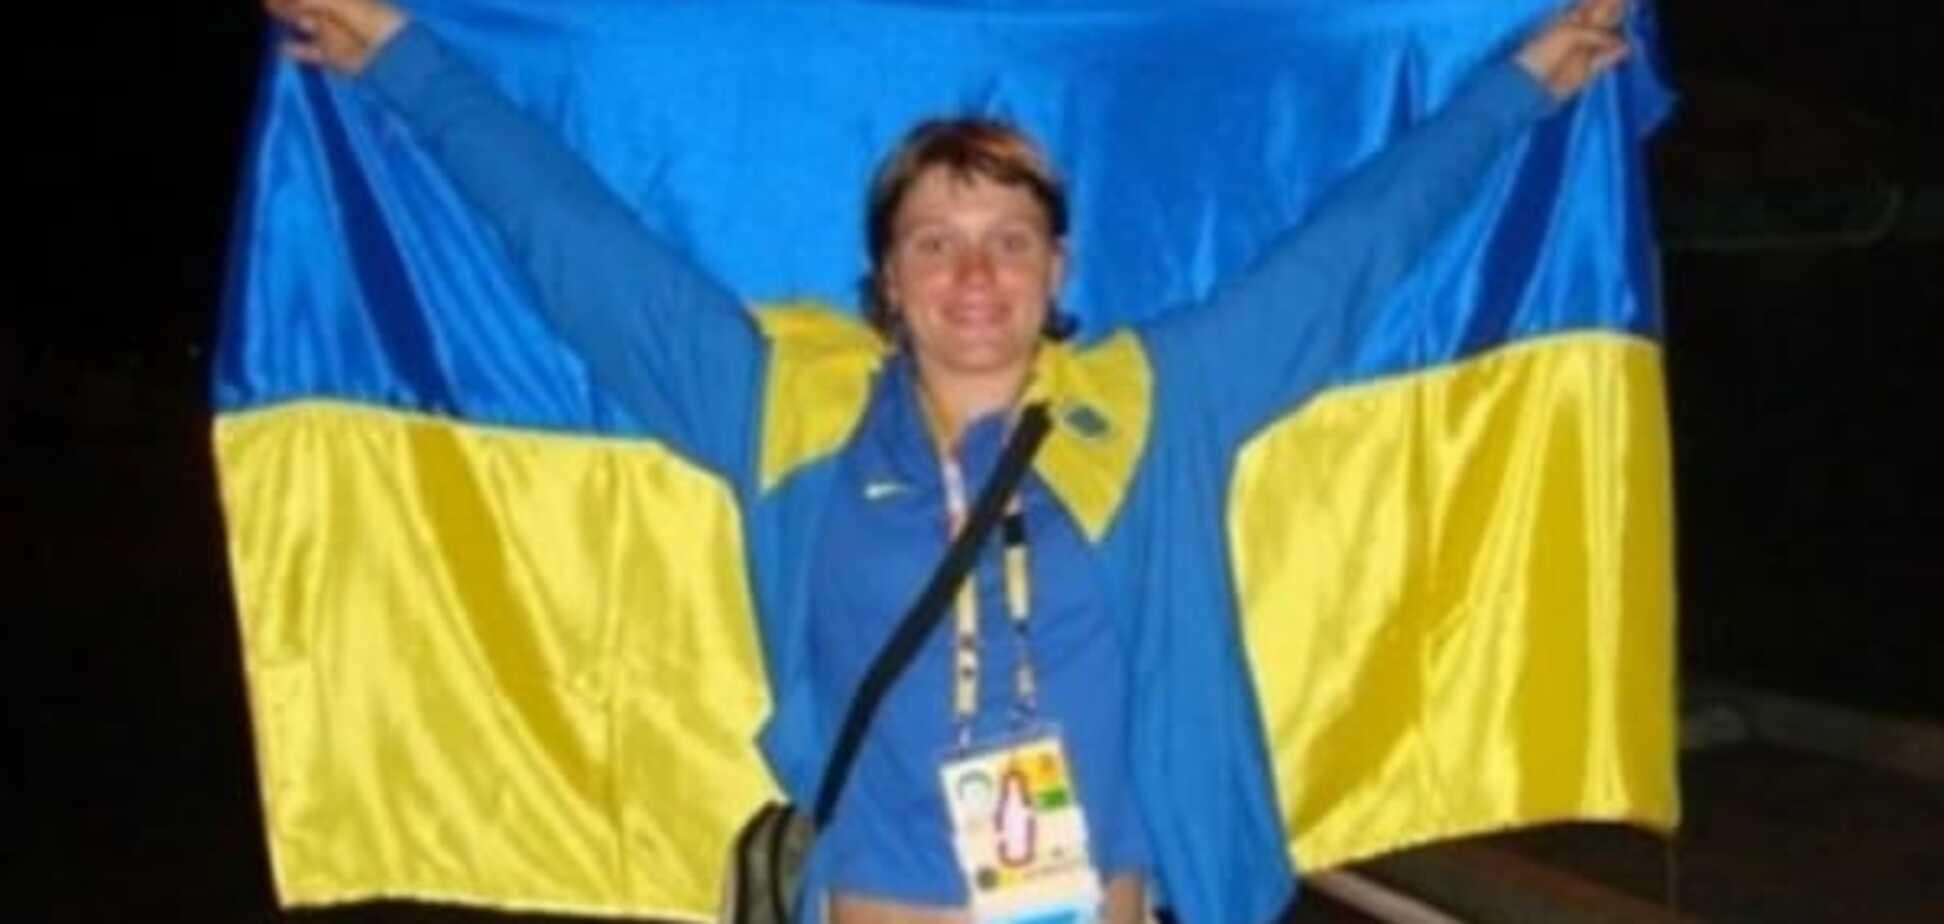 Українка виграла чемпіонат світу з бойового самбо